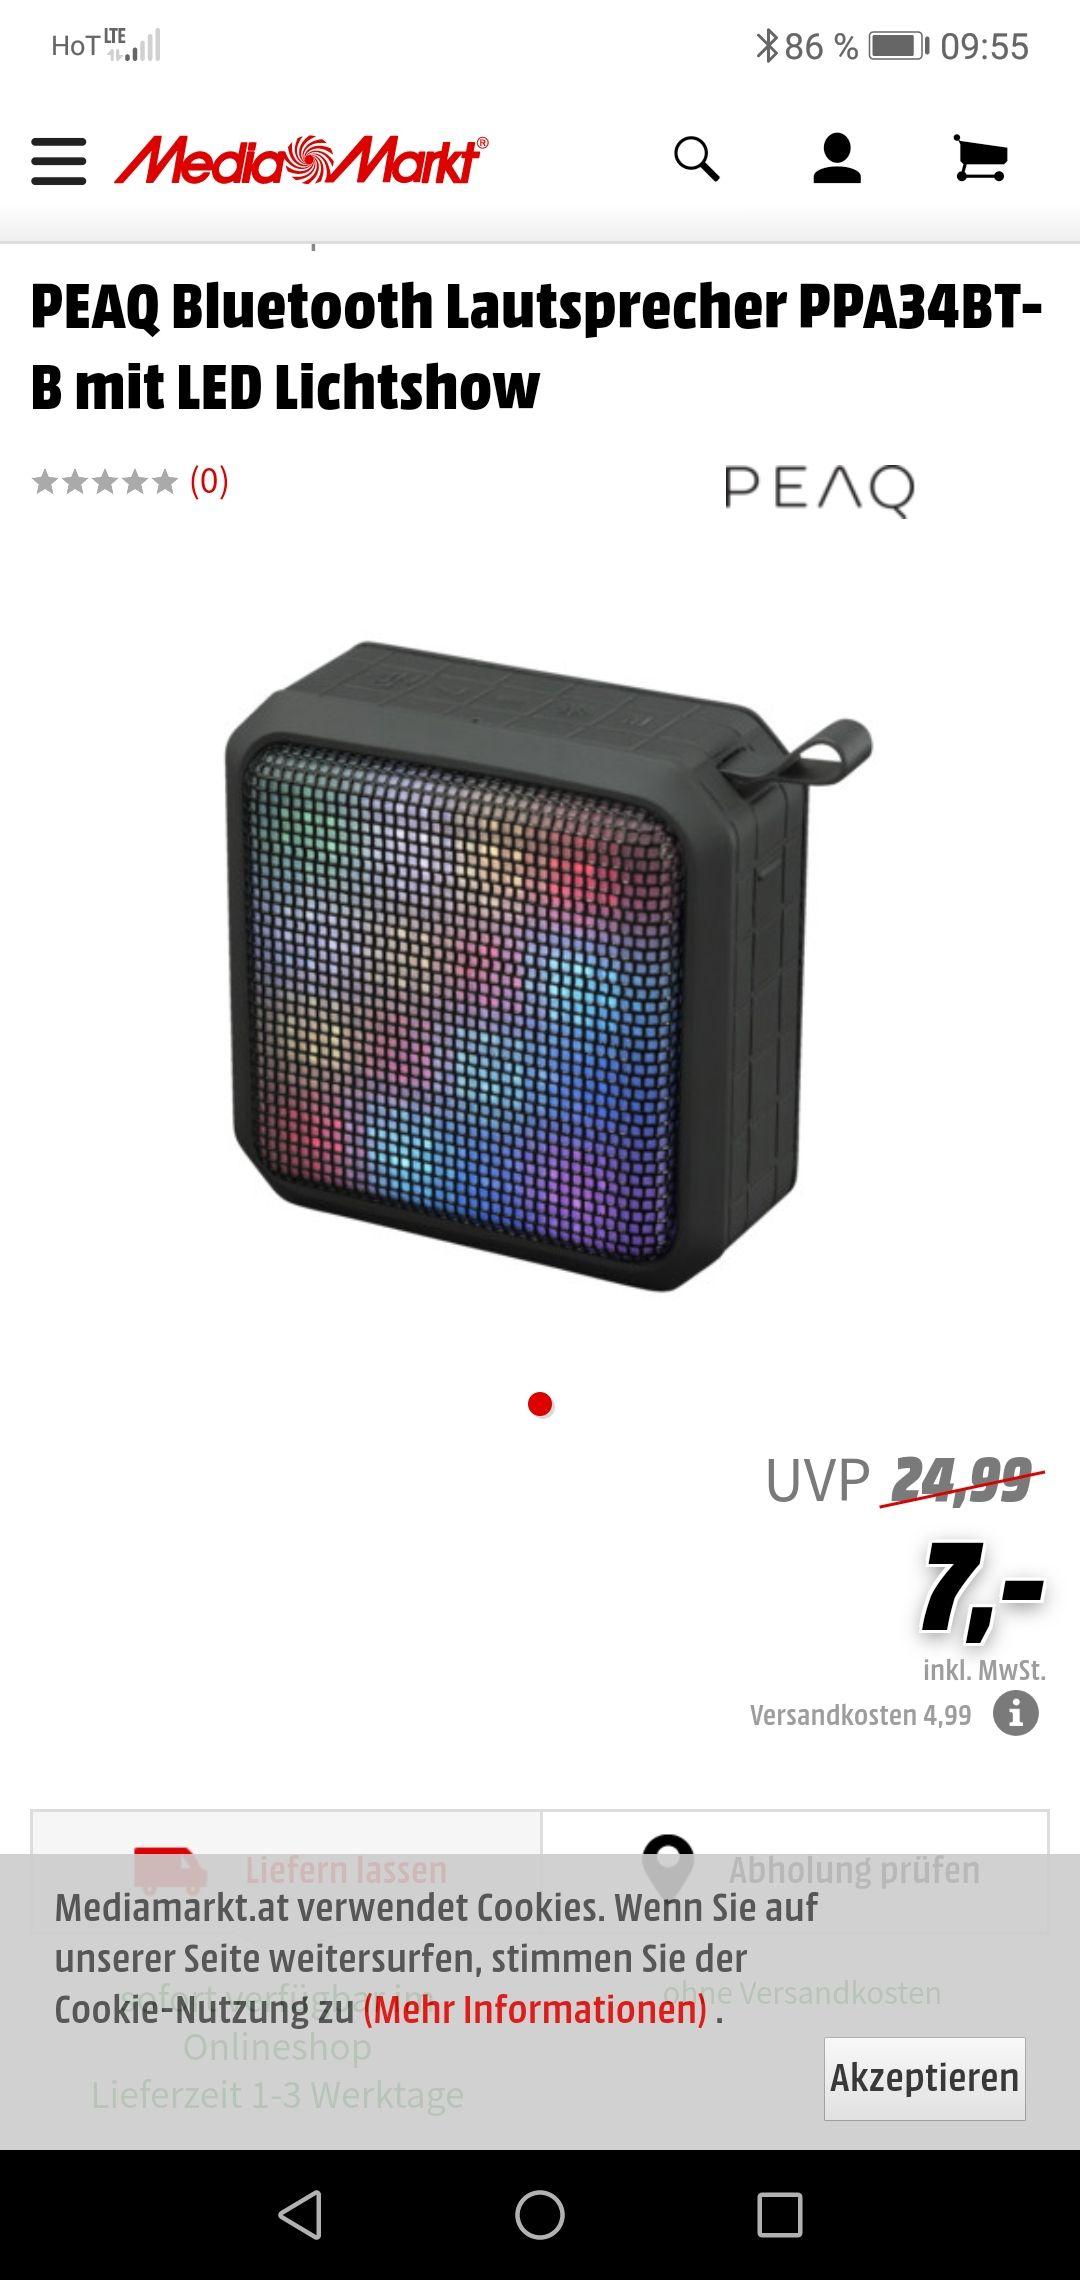 Media Markt Bluetooth Lautsprecher mit lichtshow